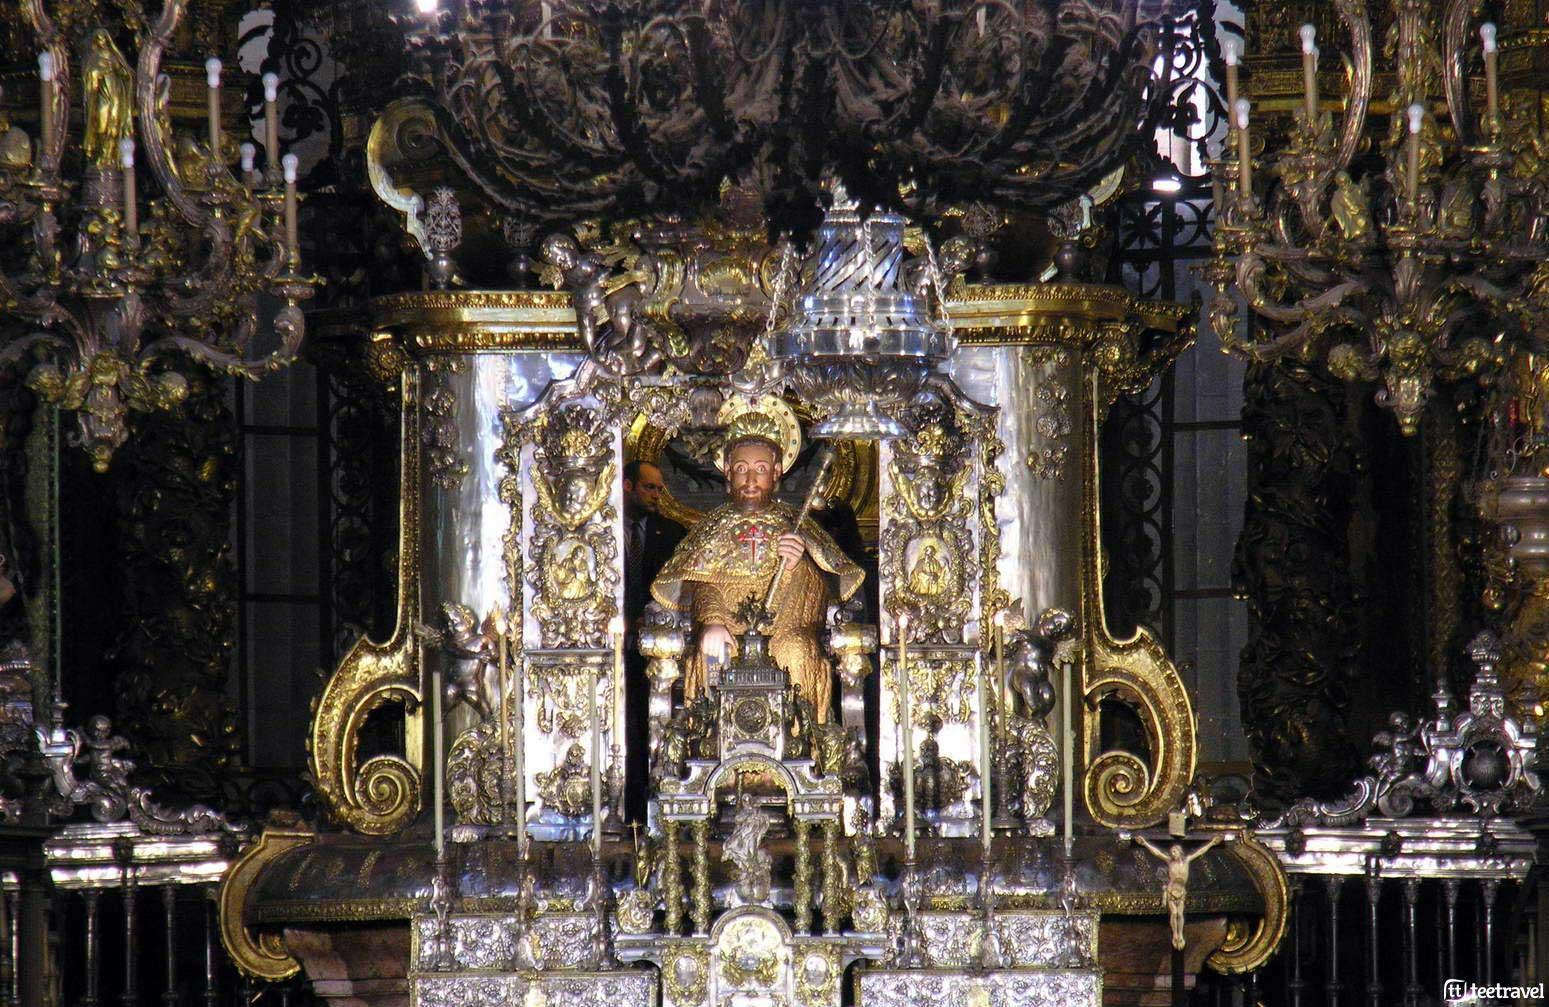 Fiestas del Apóstol - el Apóstol en el interior de la Catedral